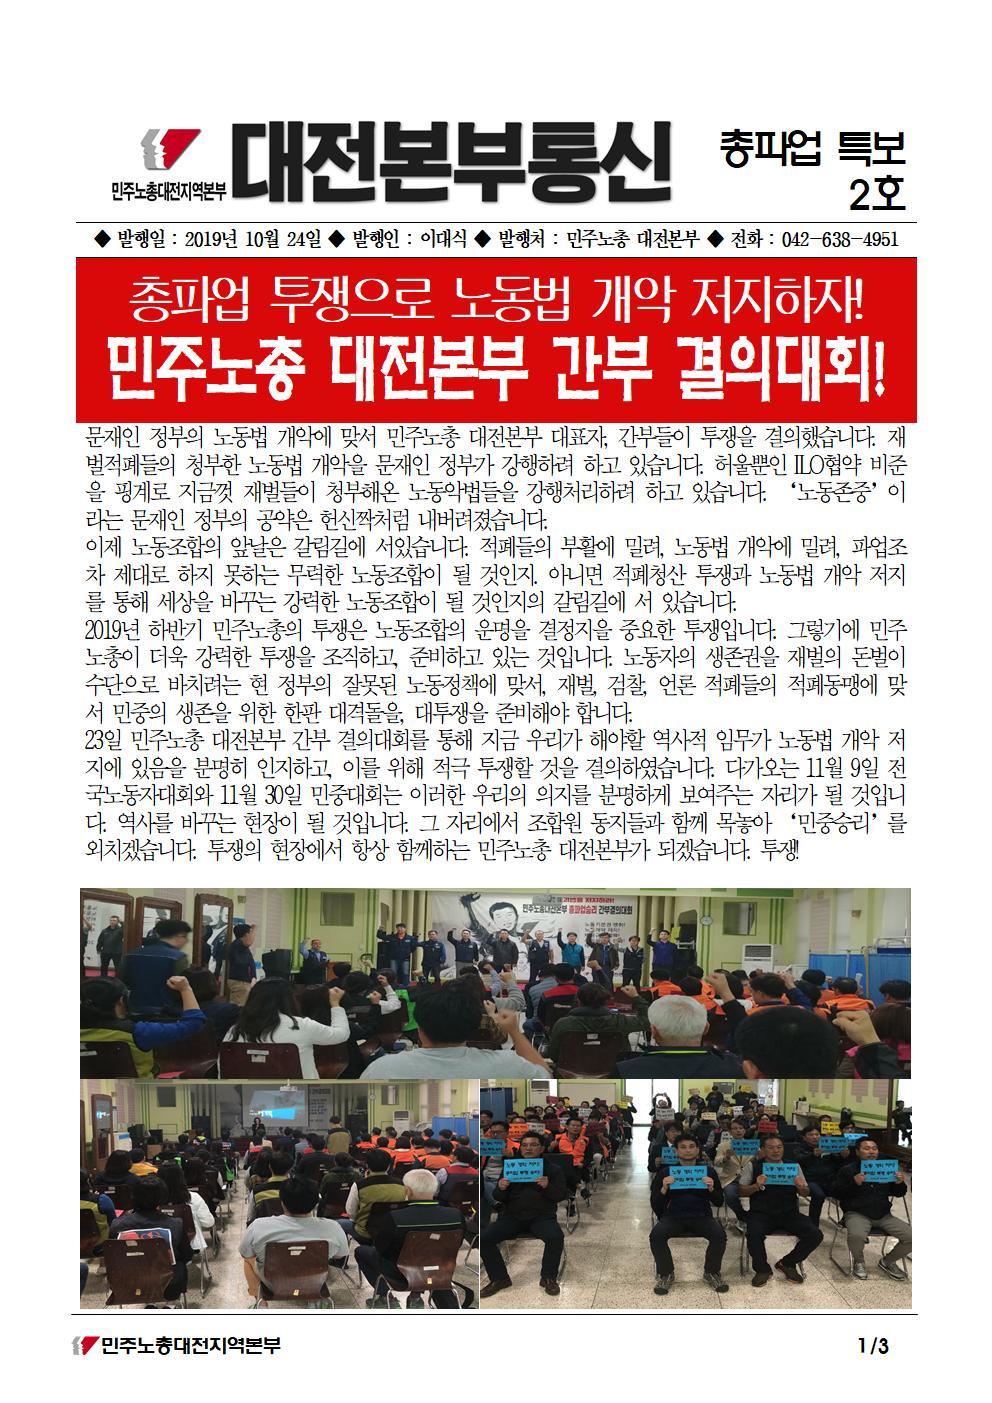 민주노총 대전본부 본부통신_총파업 특보 2호